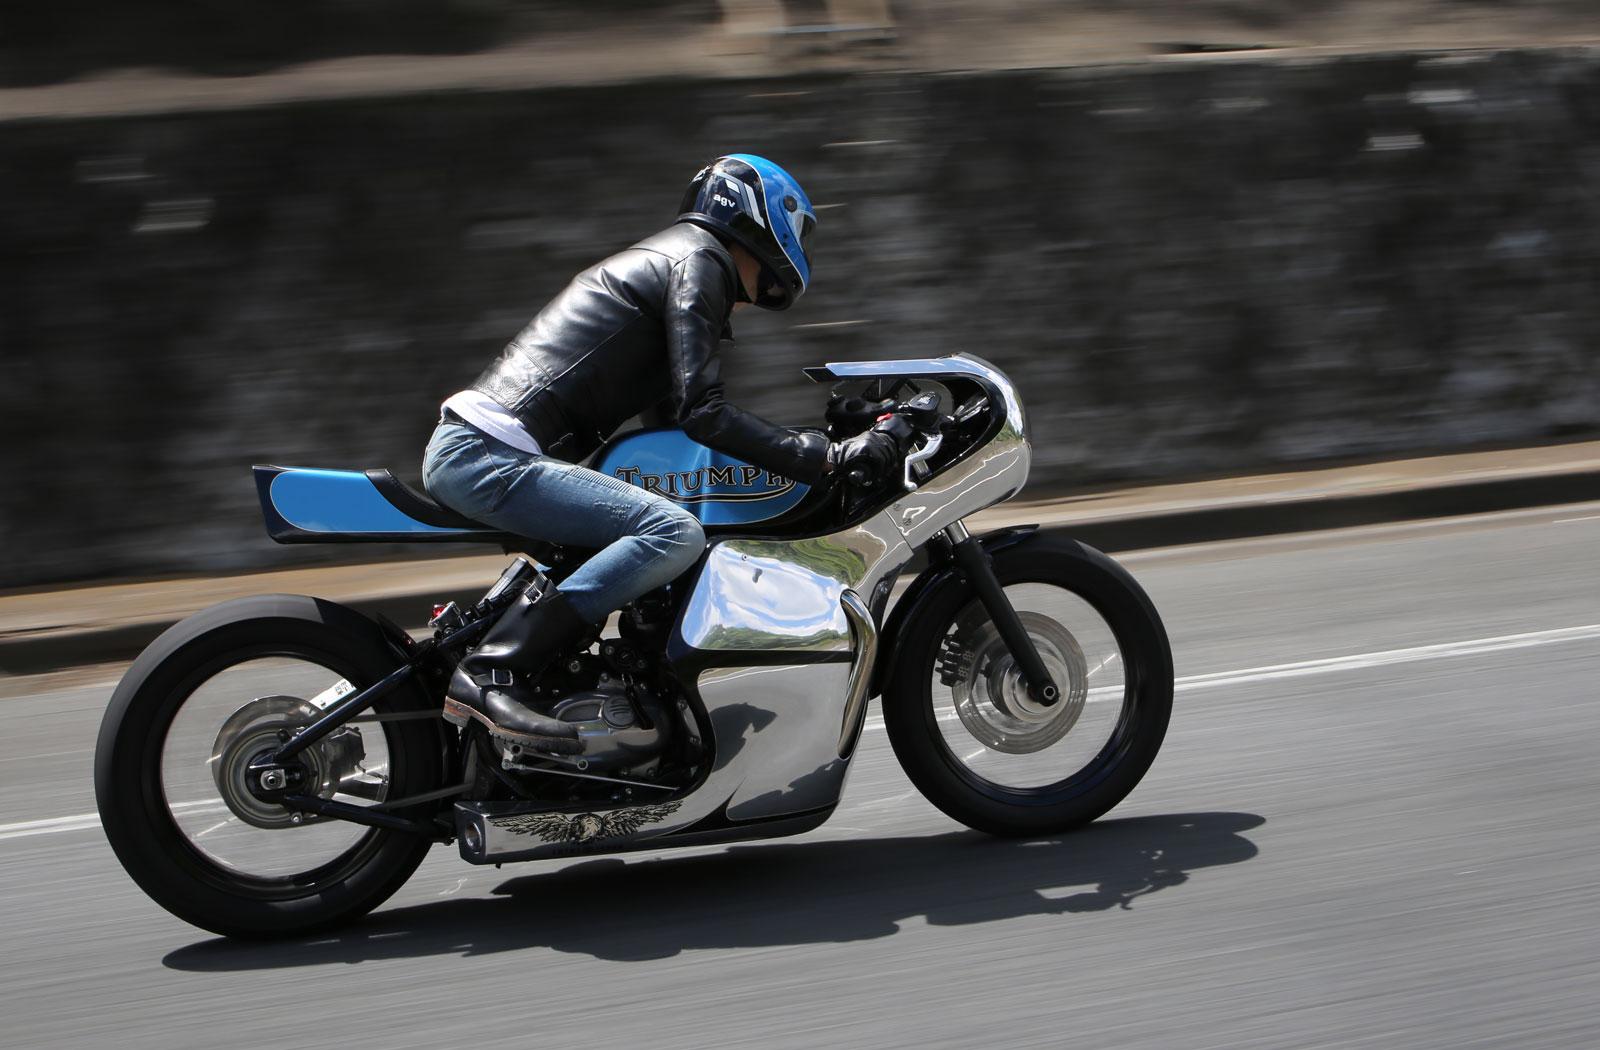 Hidemo riding his custom Triumph Bobber Cafe Racer